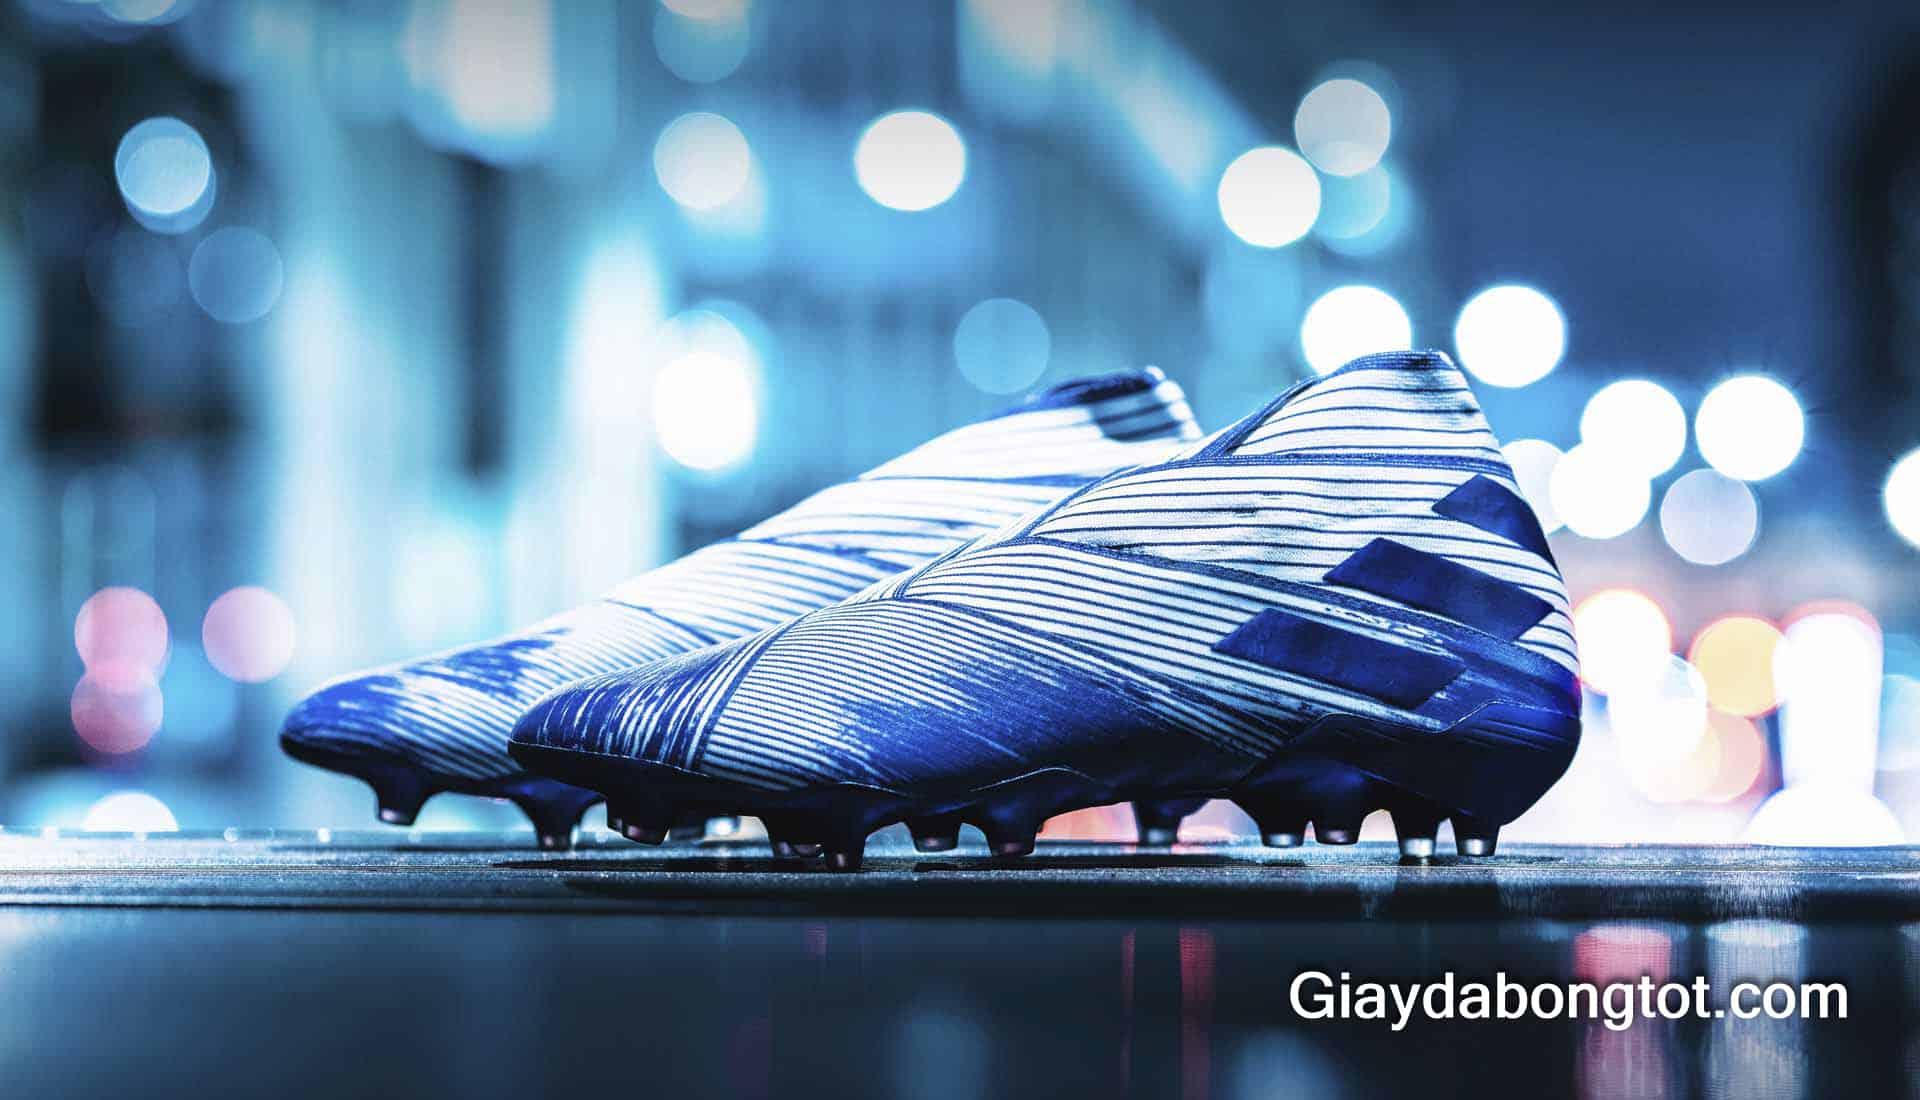 Dòng giày Adidas Nemeziz chính là dòng giày do siêu sao L. Messi đại diện